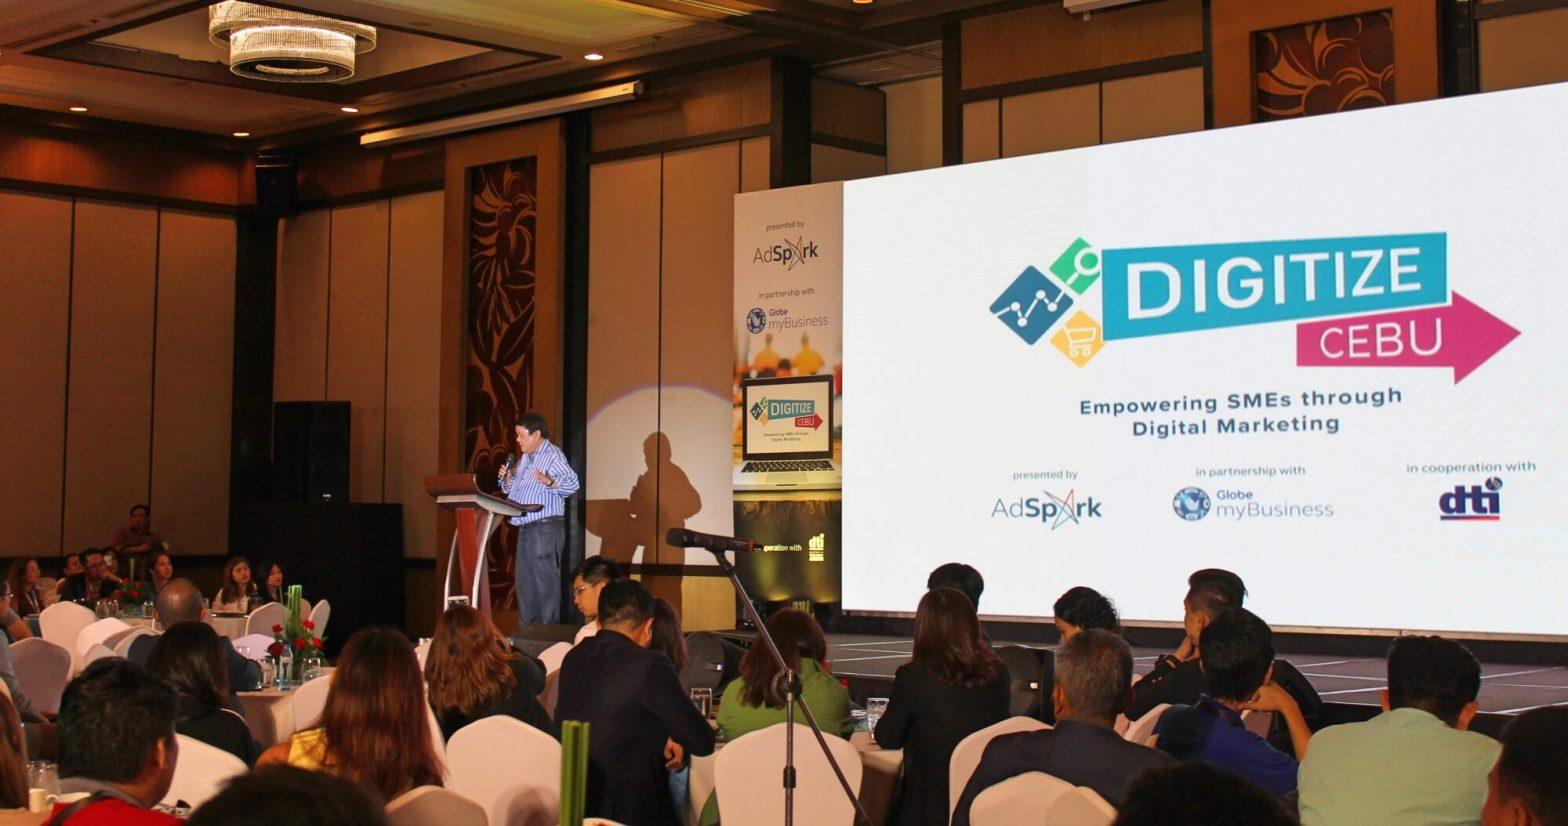 Digitize Cebu Mayor Tomas Osmeña